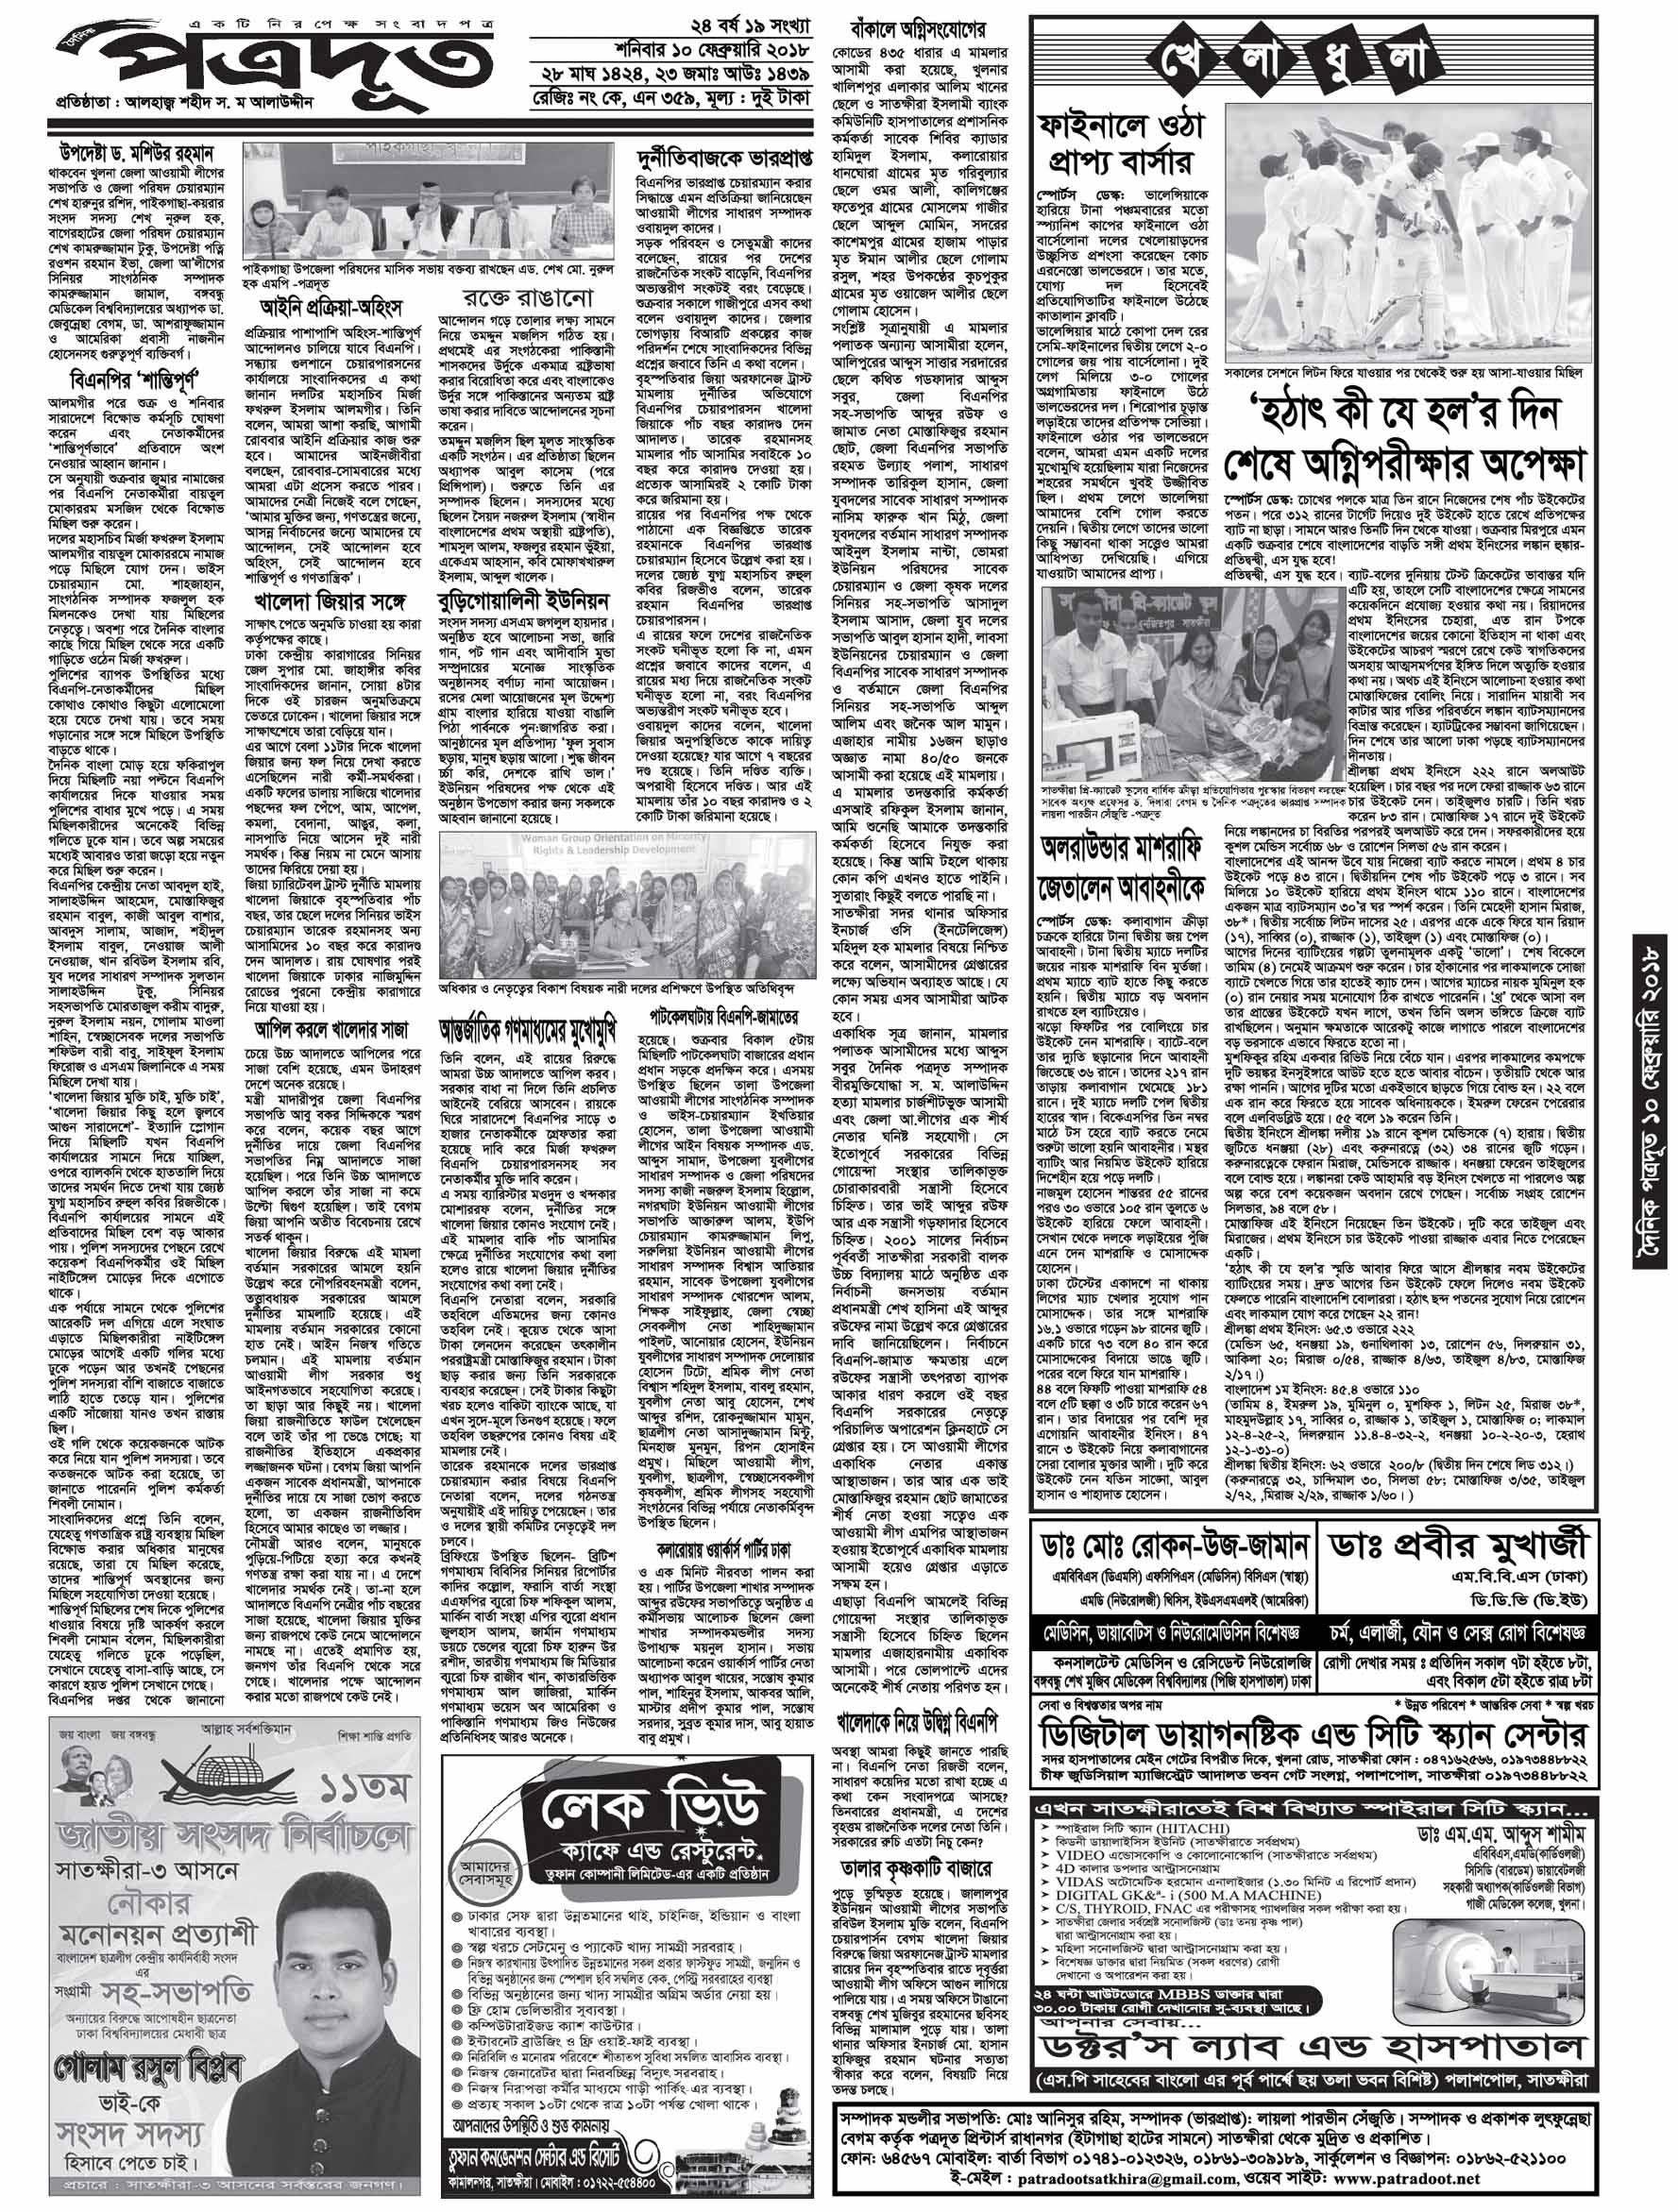 কেশবপুরের ভালুকঘর ফাজিল মাদ্রাসার অবসর প্রাপ্ত ৫শিক্ষক কর্মচারীকে সংবর্ধনা প্রদান